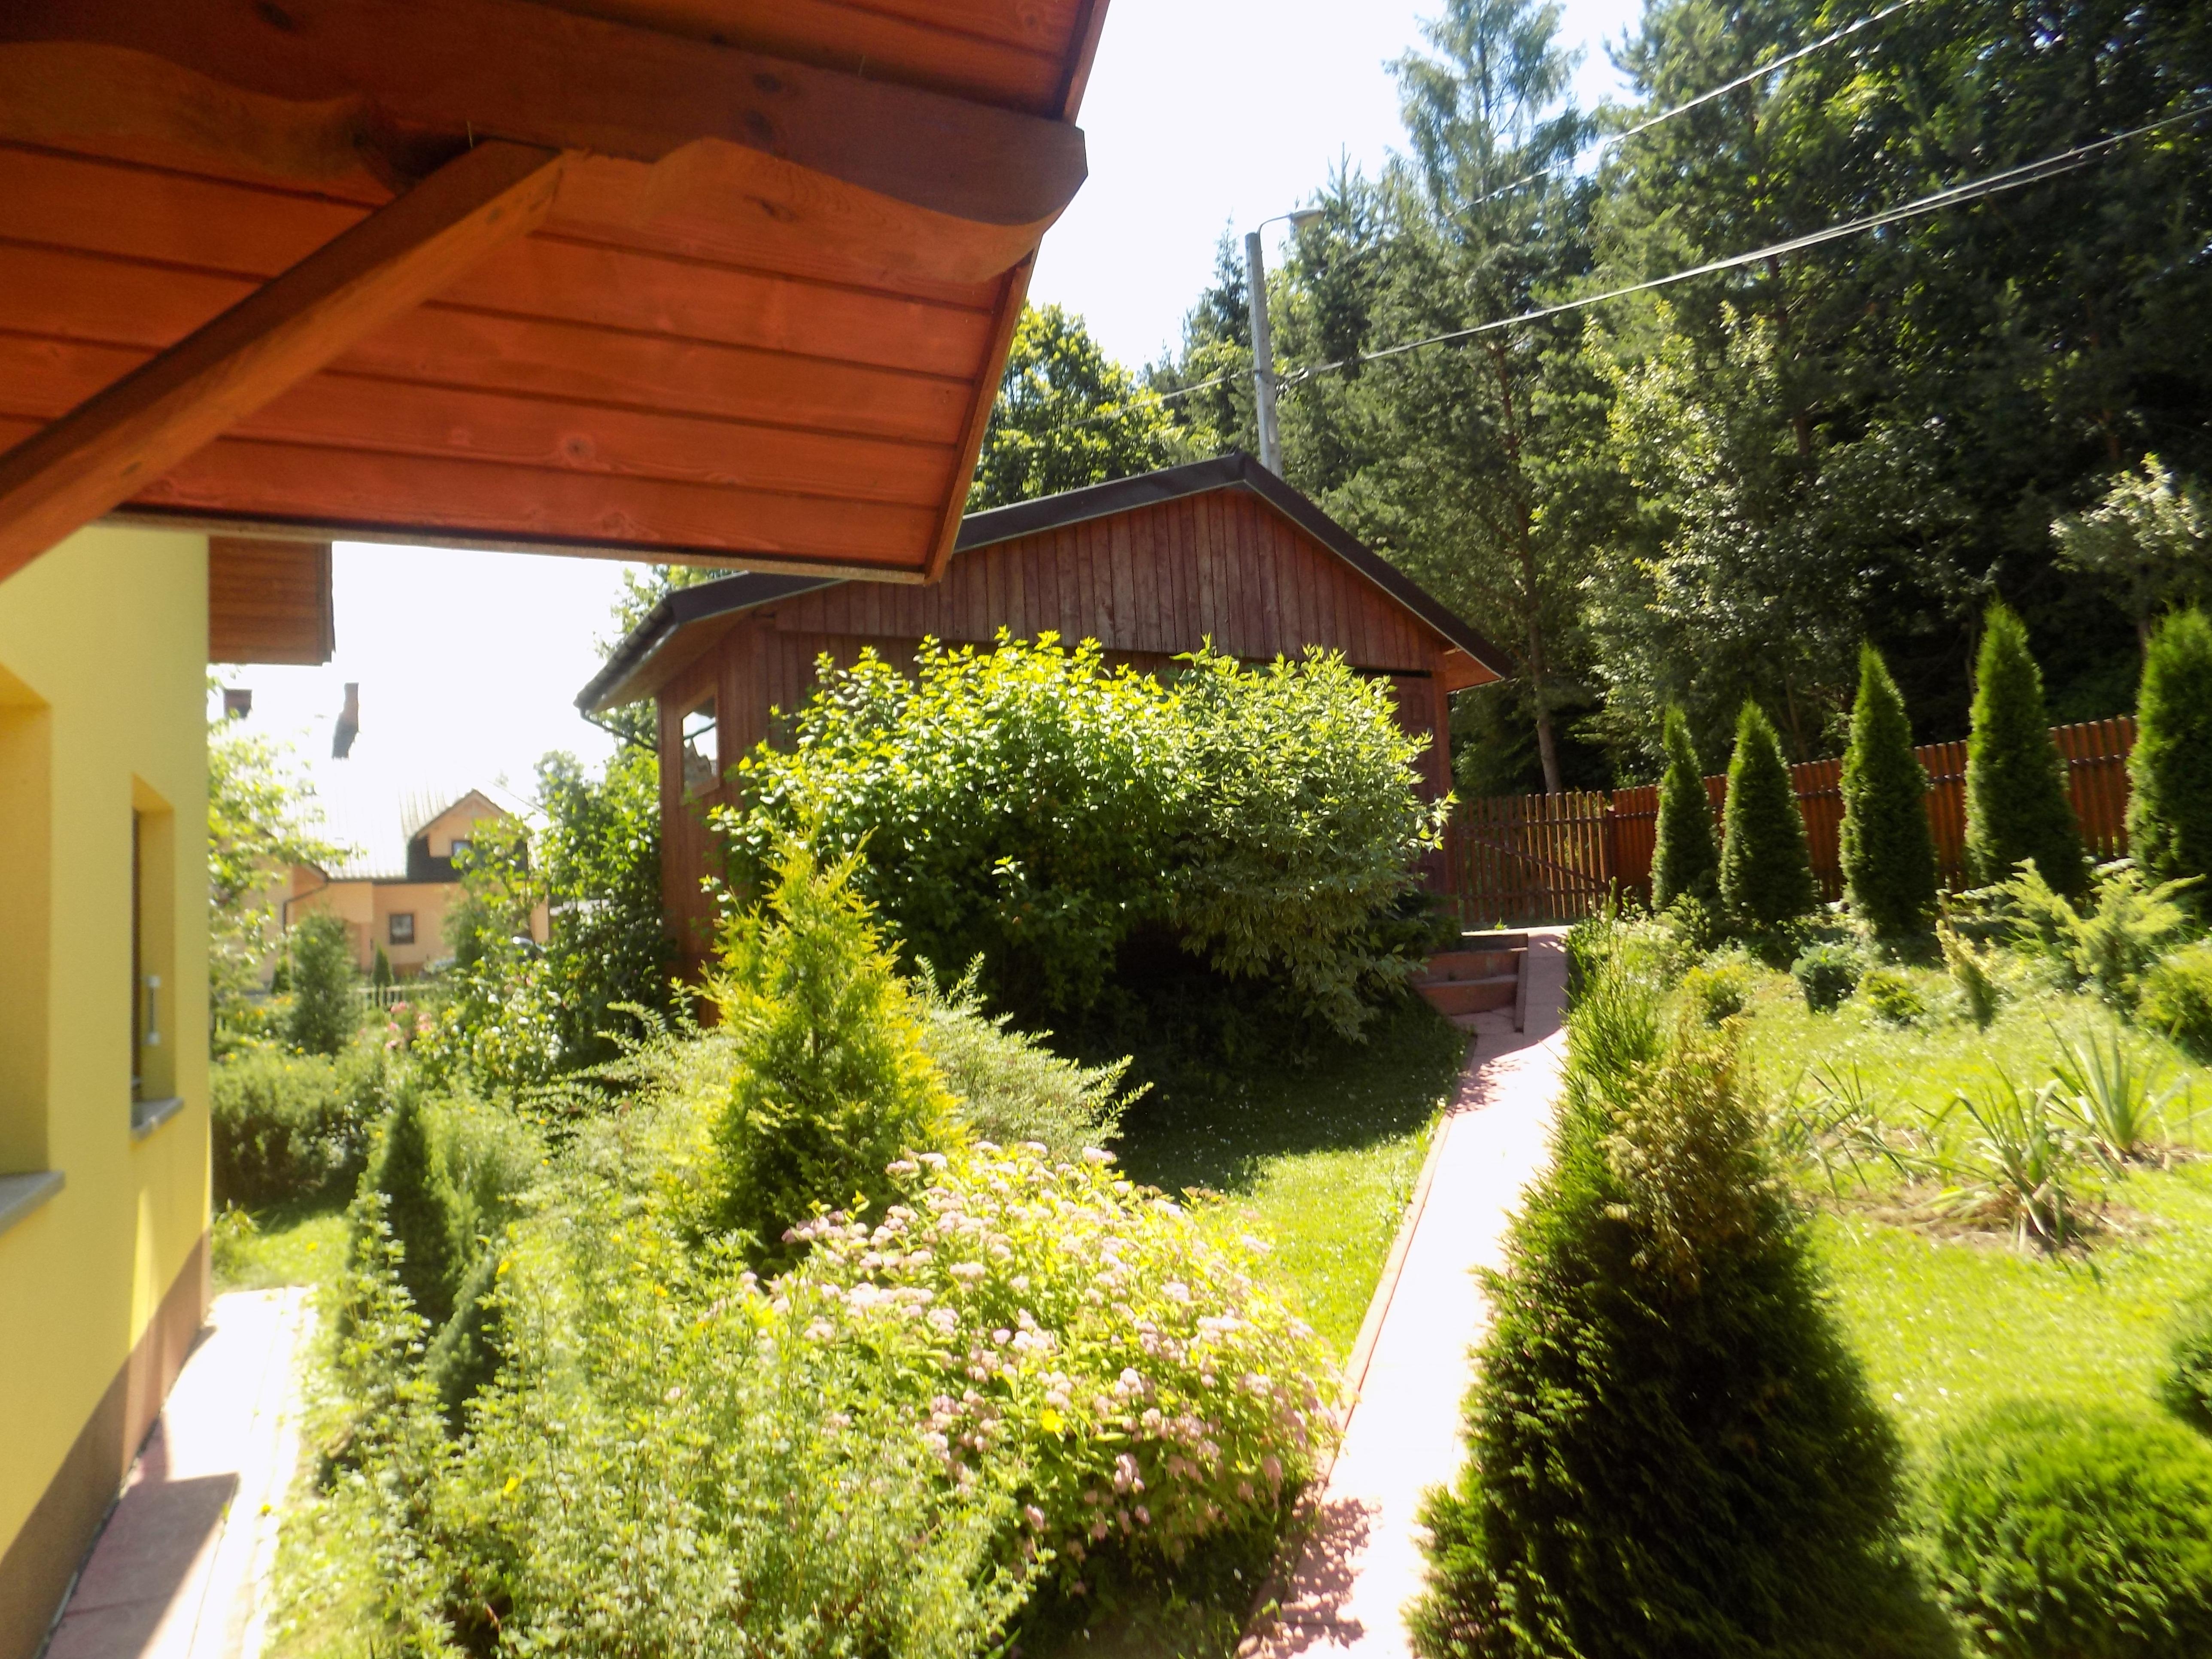 ogród-przed-domem